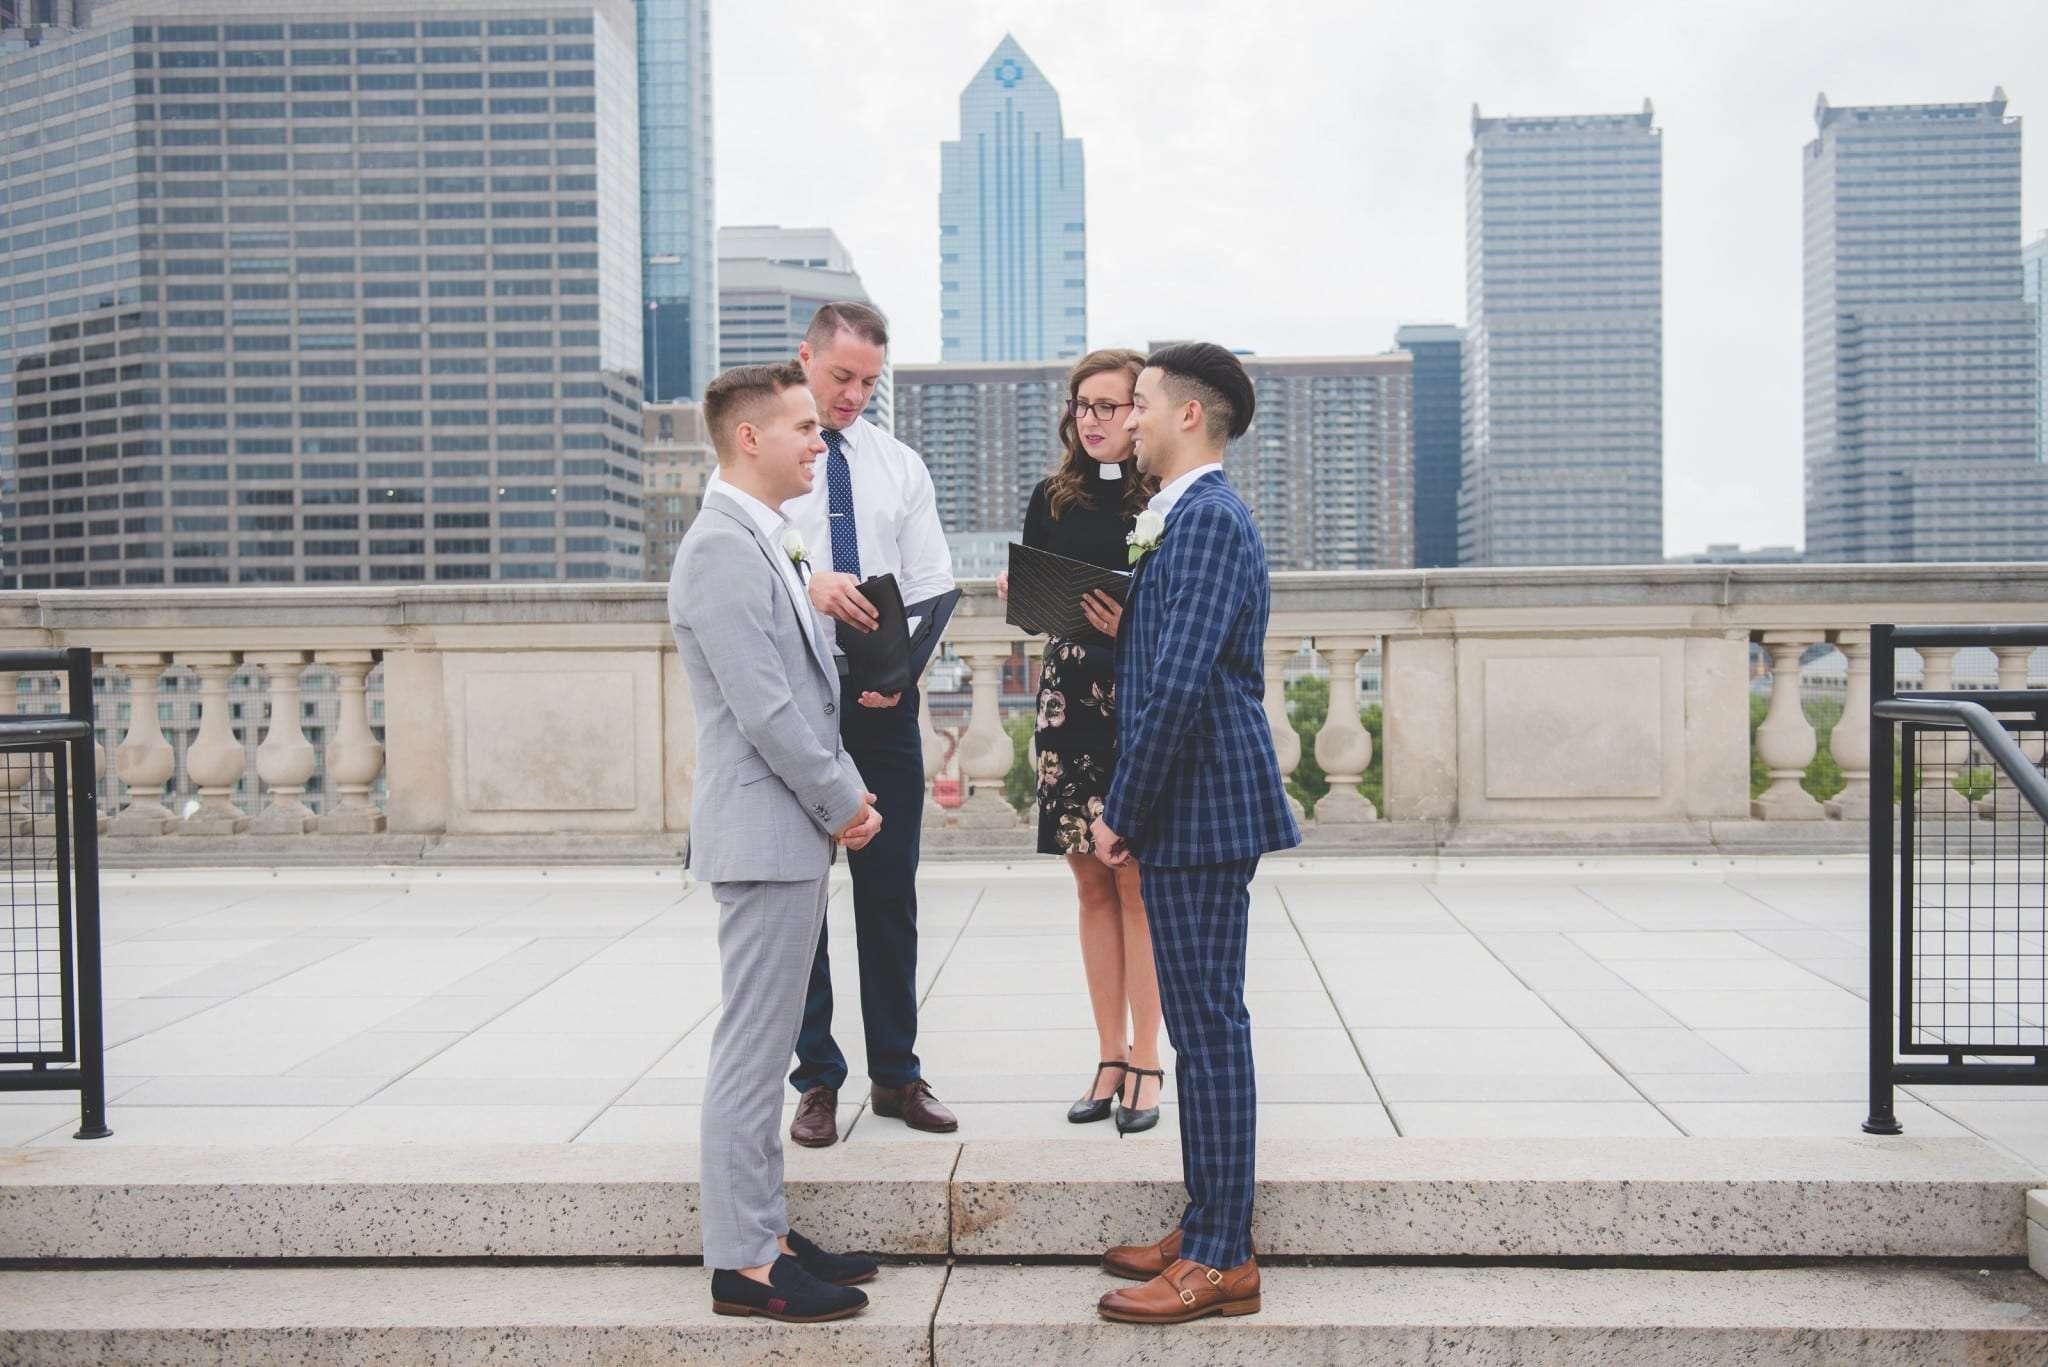 Philadelphia rooftop elopement photography